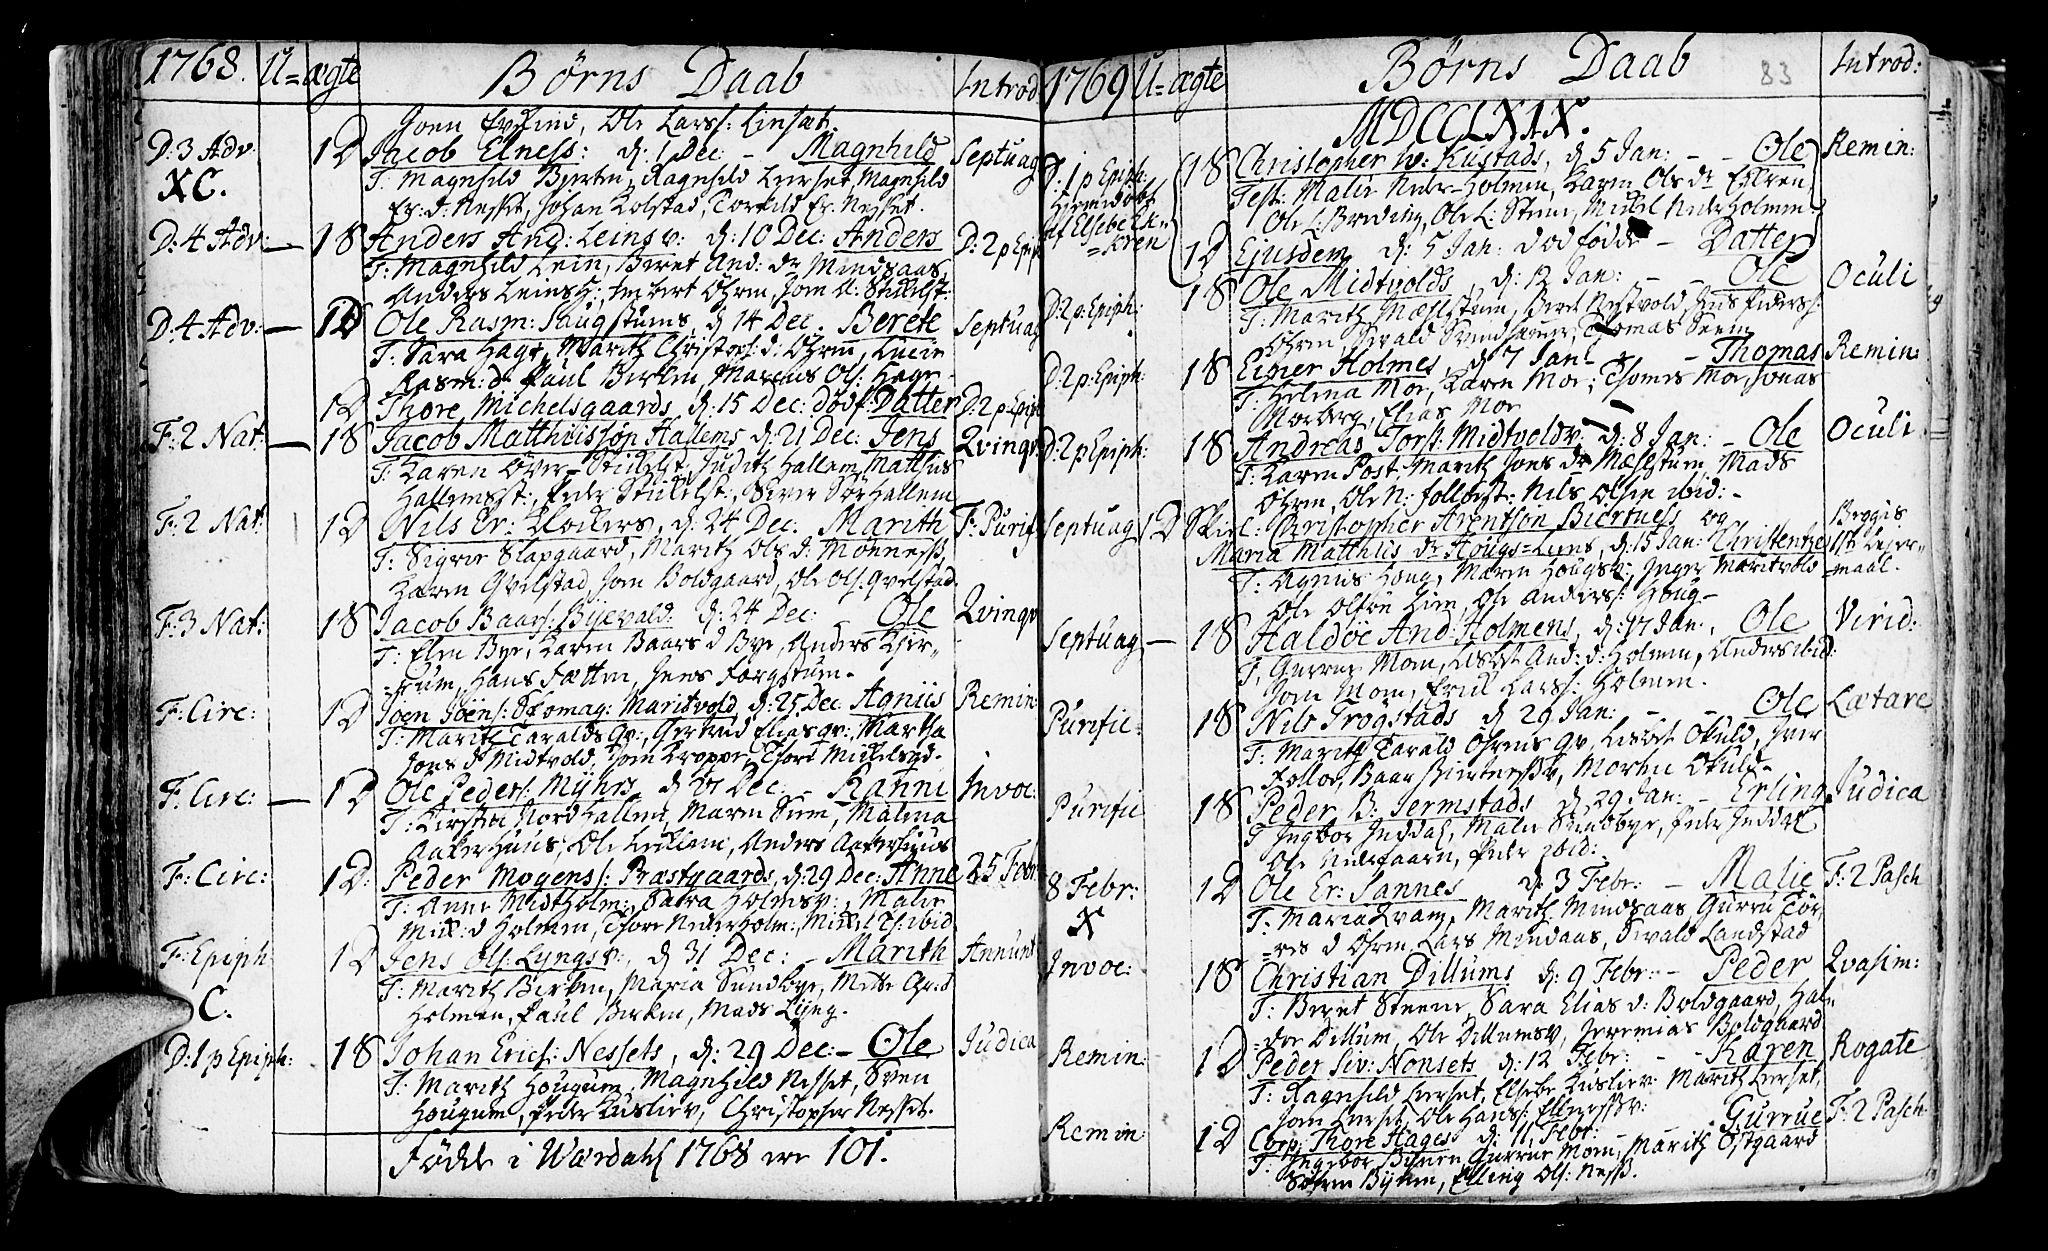 SAT, Ministerialprotokoller, klokkerbøker og fødselsregistre - Nord-Trøndelag, 723/L0231: Ministerialbok nr. 723A02, 1748-1780, s. 83